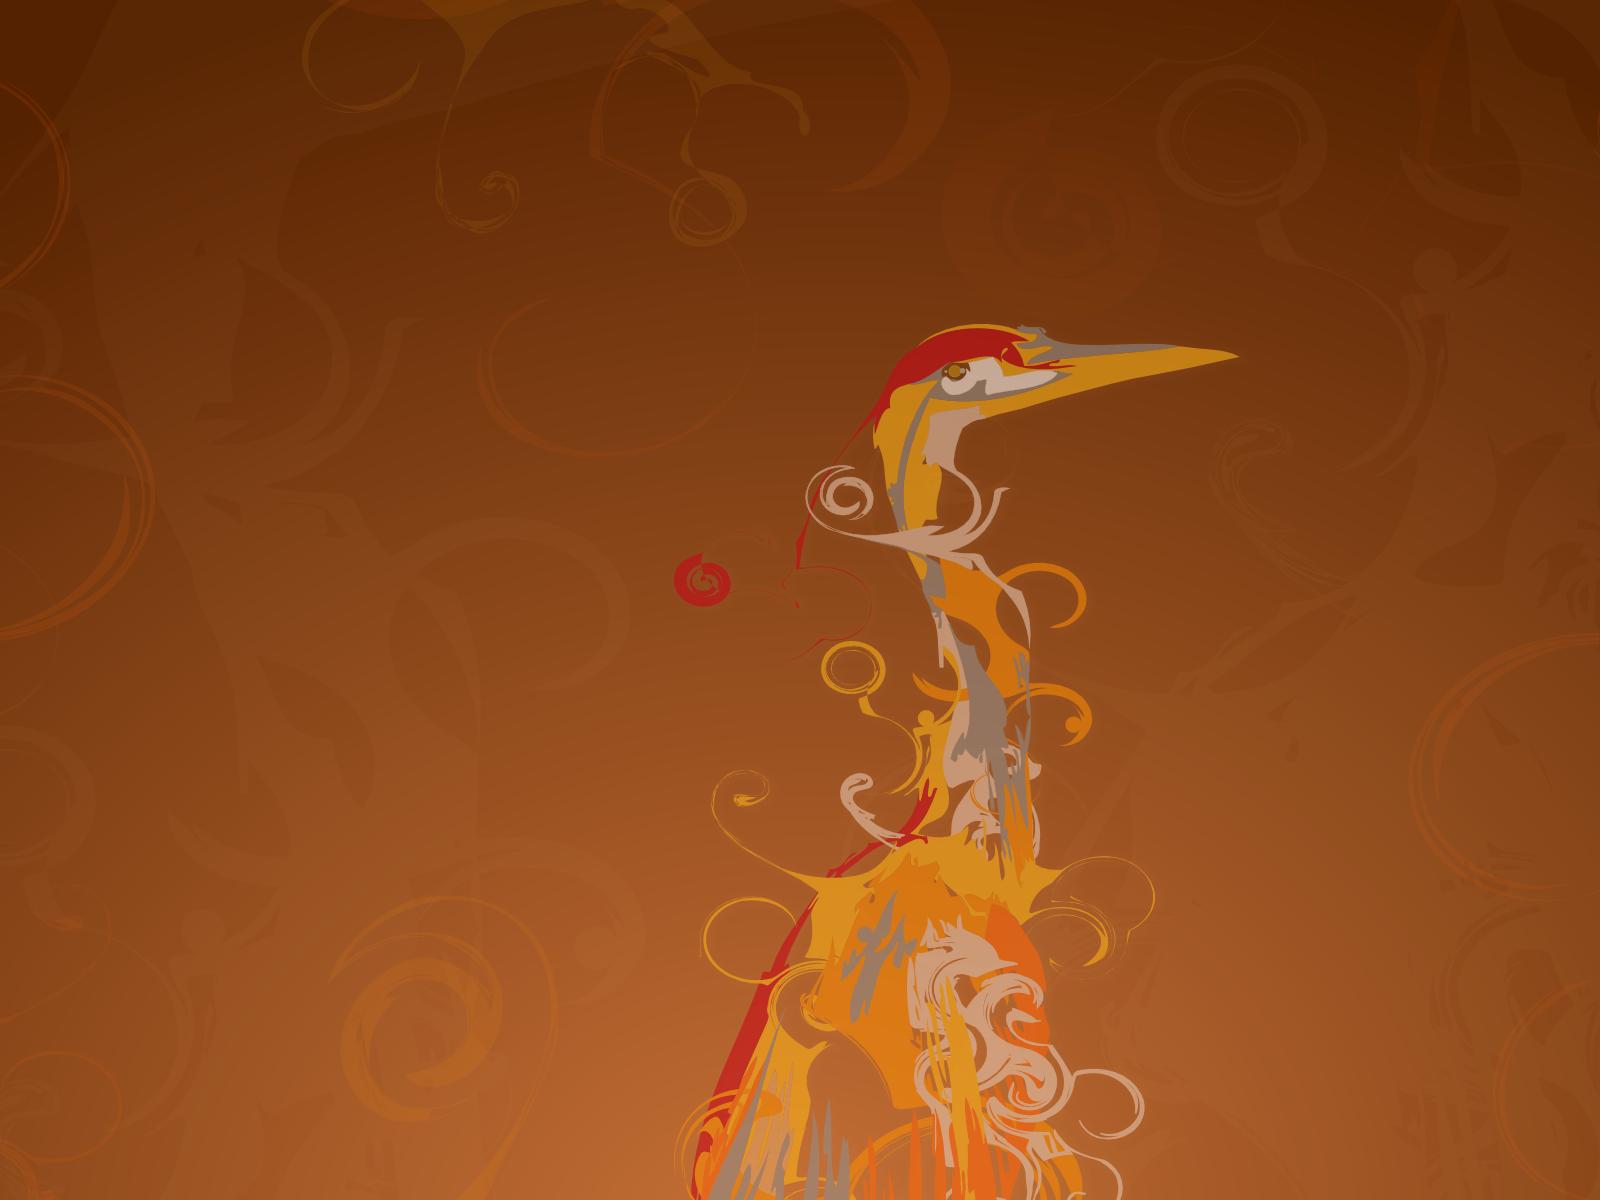 http://1.bp.blogspot.com/_DfmtiKxKcmU/TOl-7C0Ah6I/AAAAAAAAABA/IWTuwU55IwM/s1600/warty-final-ubuntu.png